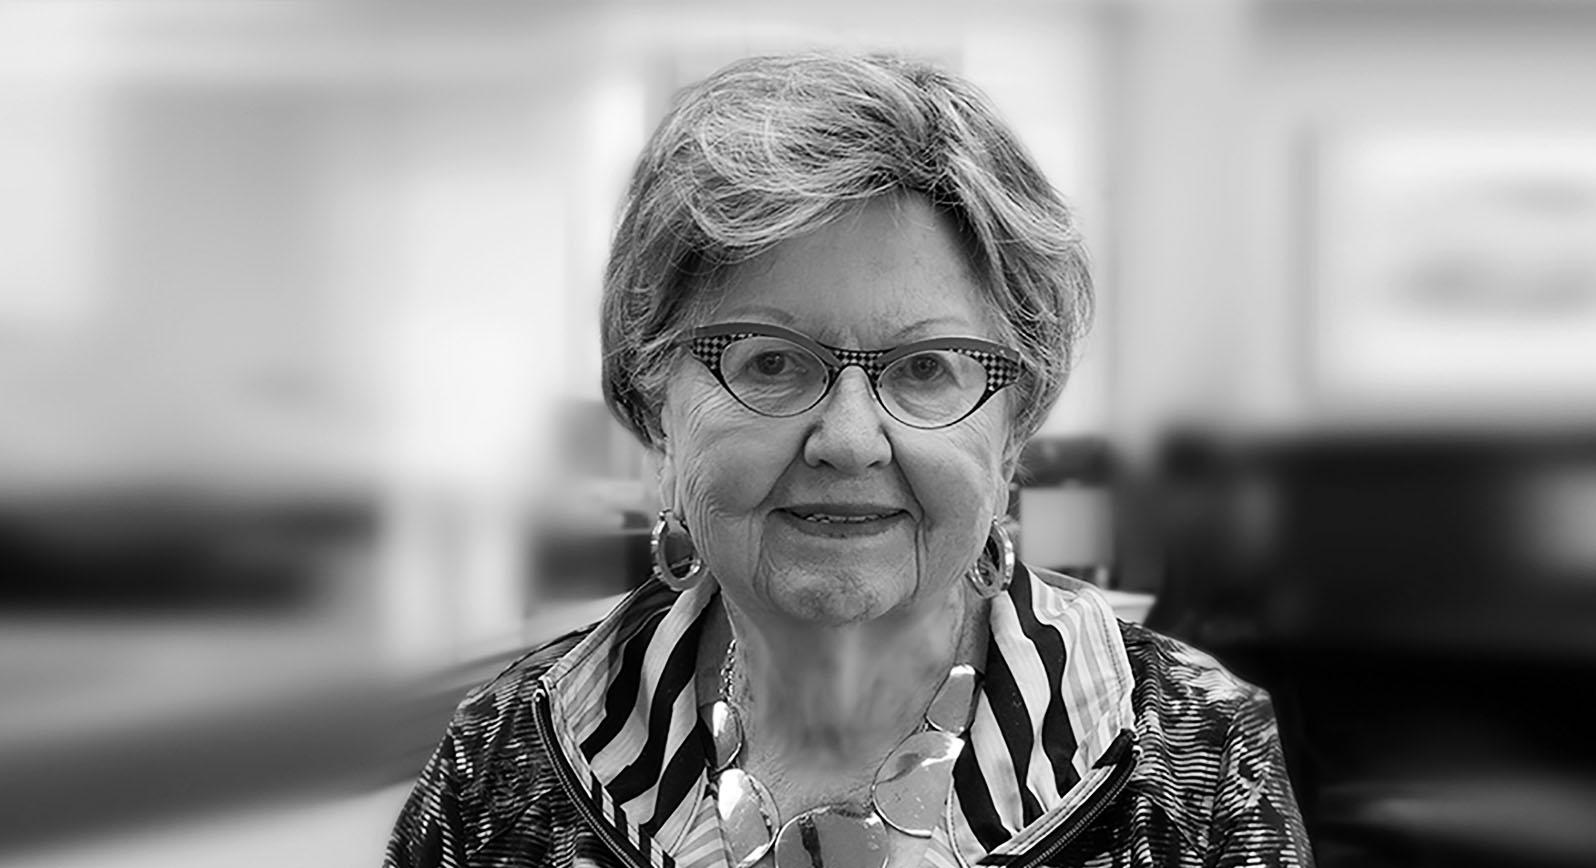 Joan Payden